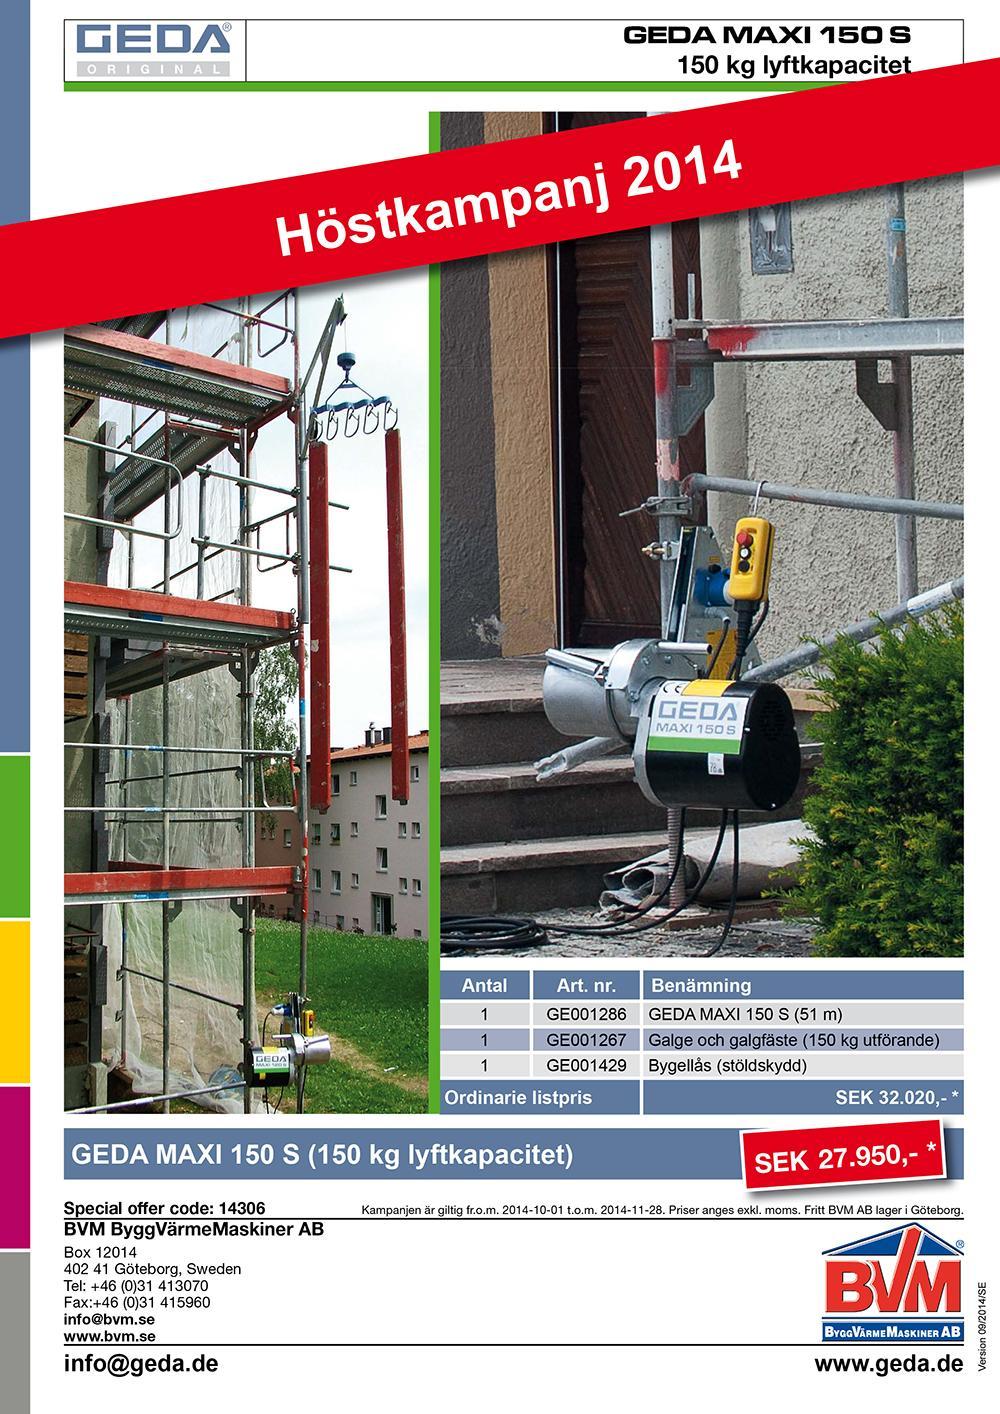 Höstkampanj GEDA Maxi 150 S